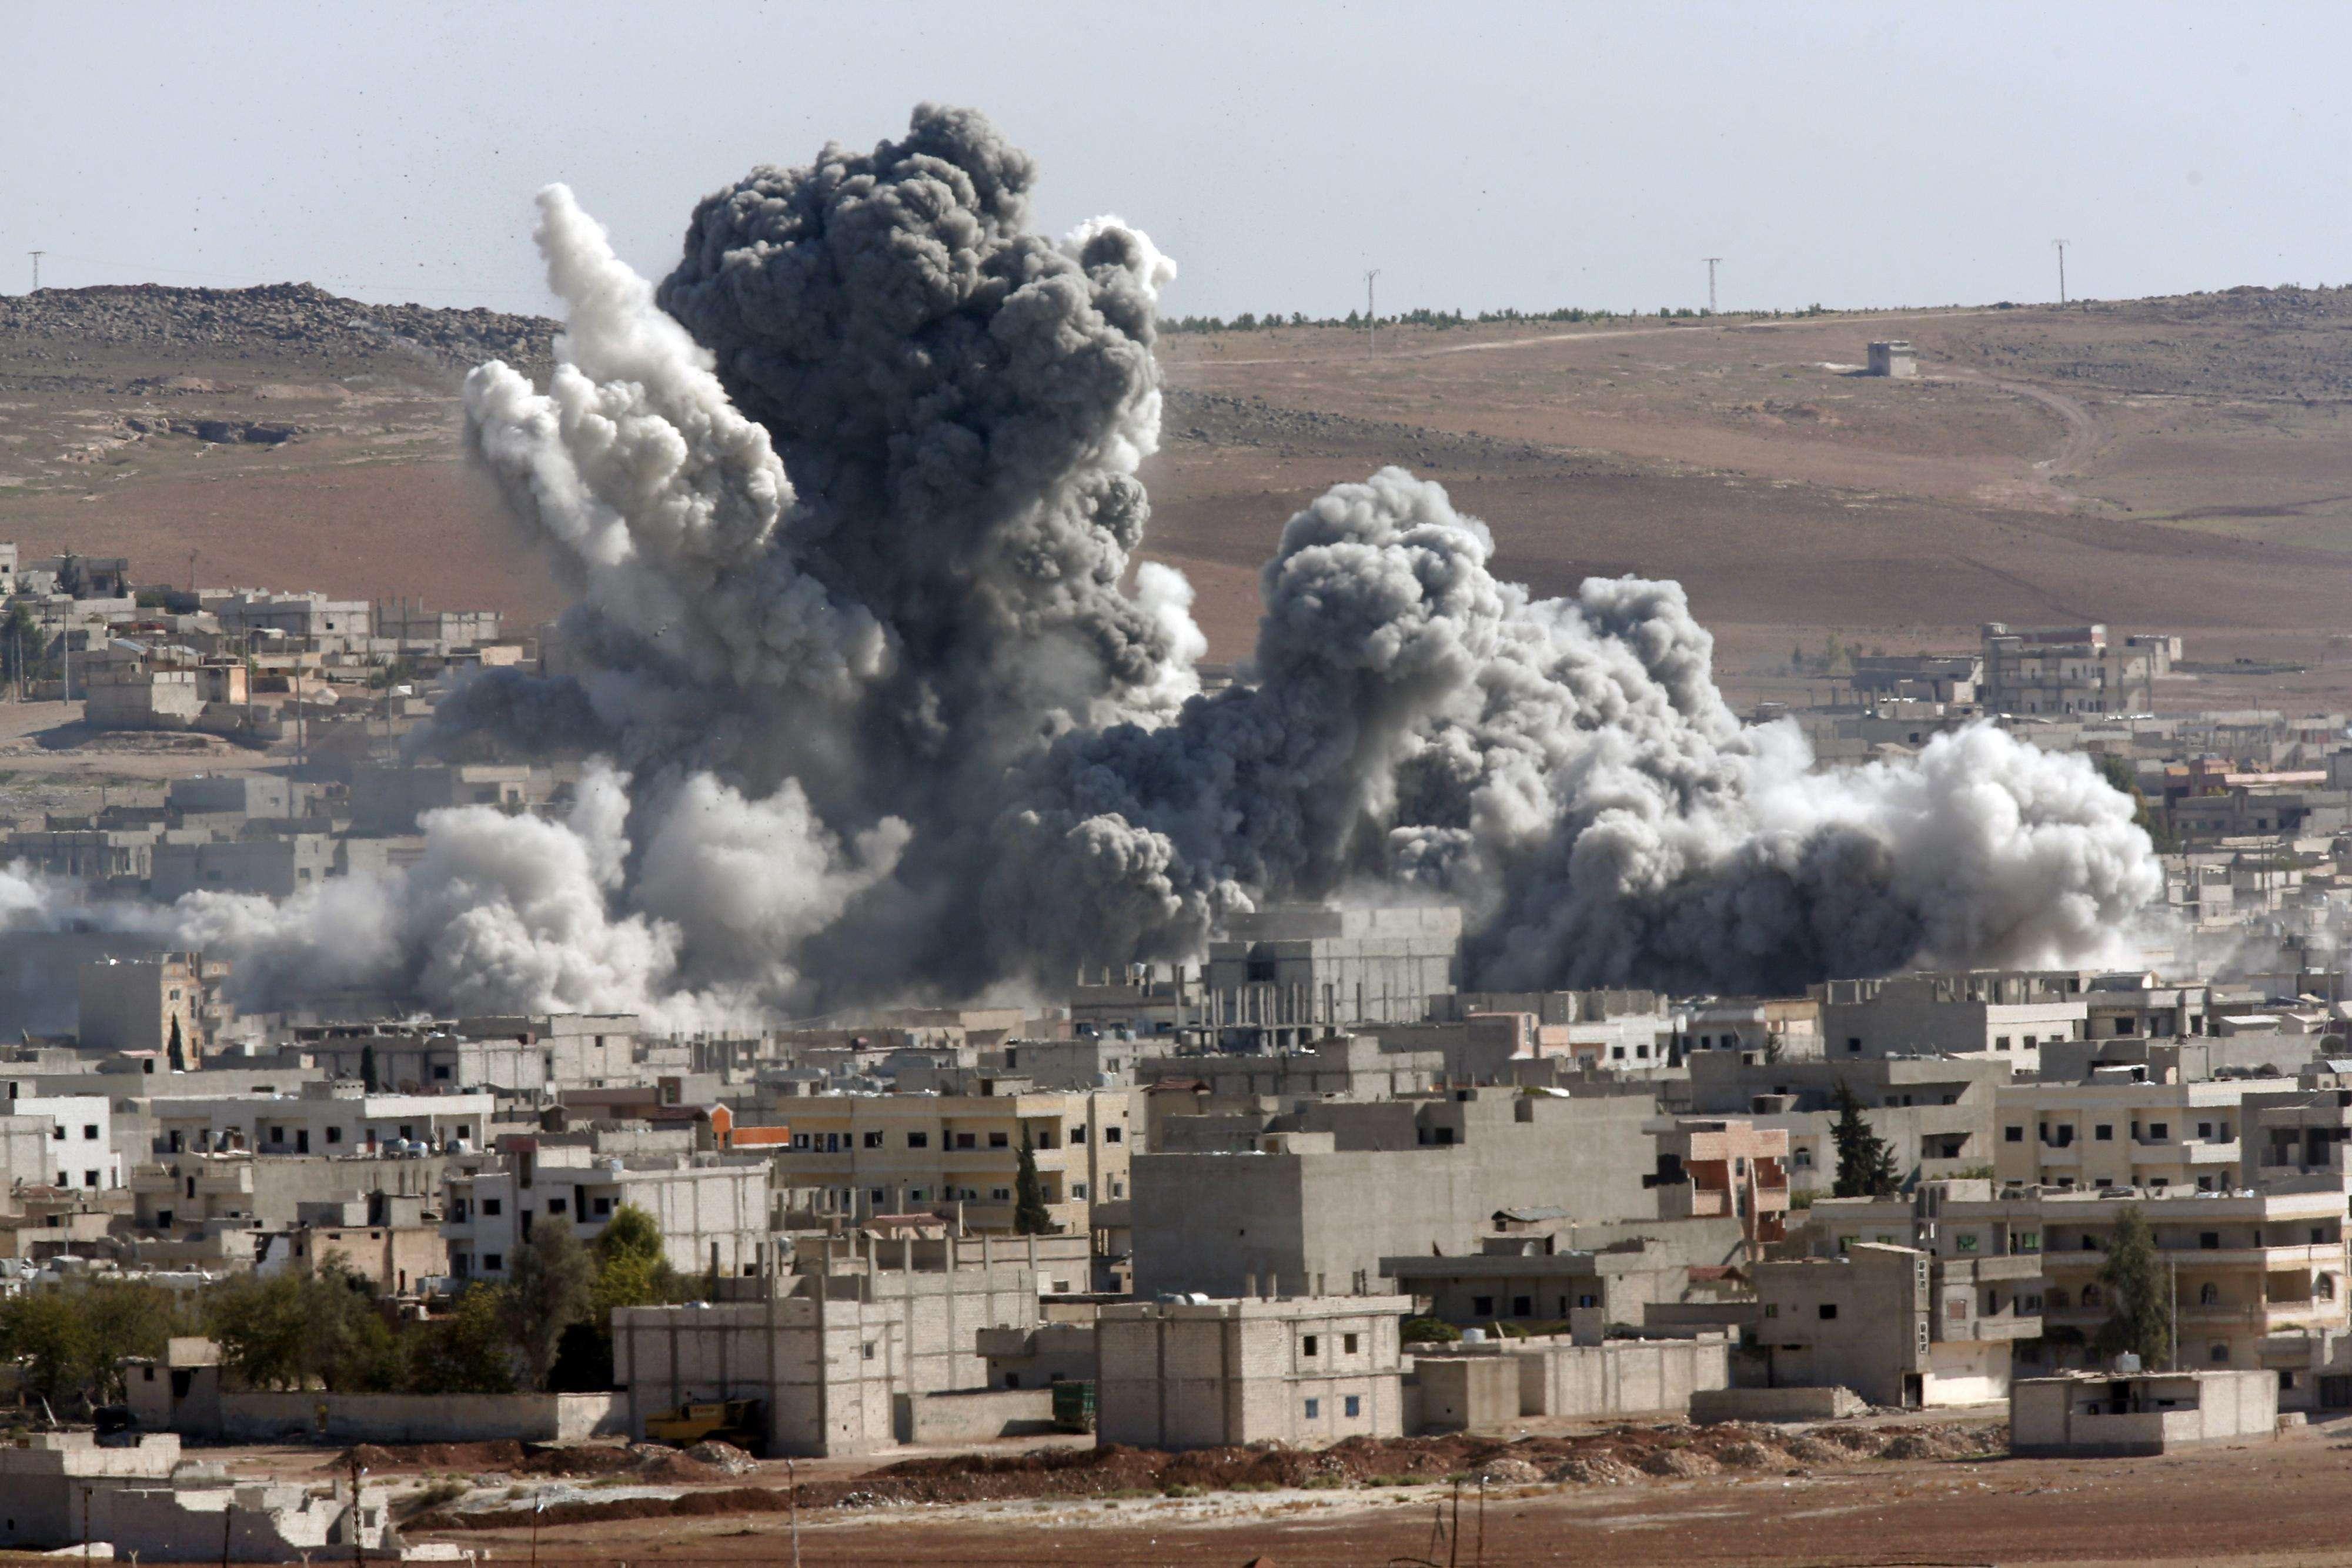 Denso humo alzándose tras un ataque aéreo de la coalición liderada por Estados Unidos en Kobani, Siria. Foto: AP en español